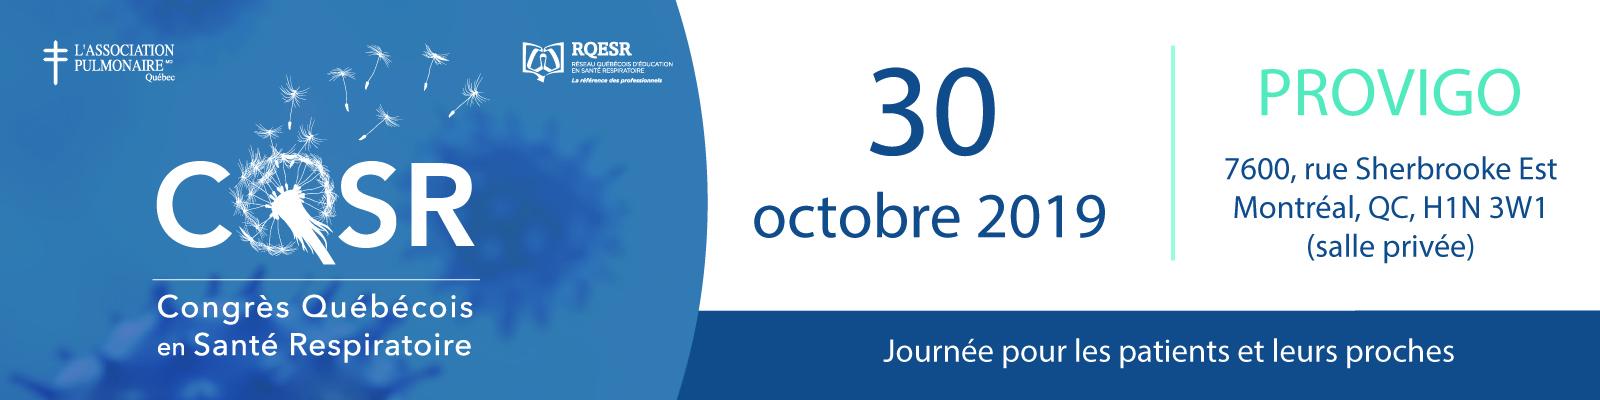 Journée patient - CQSR 2019